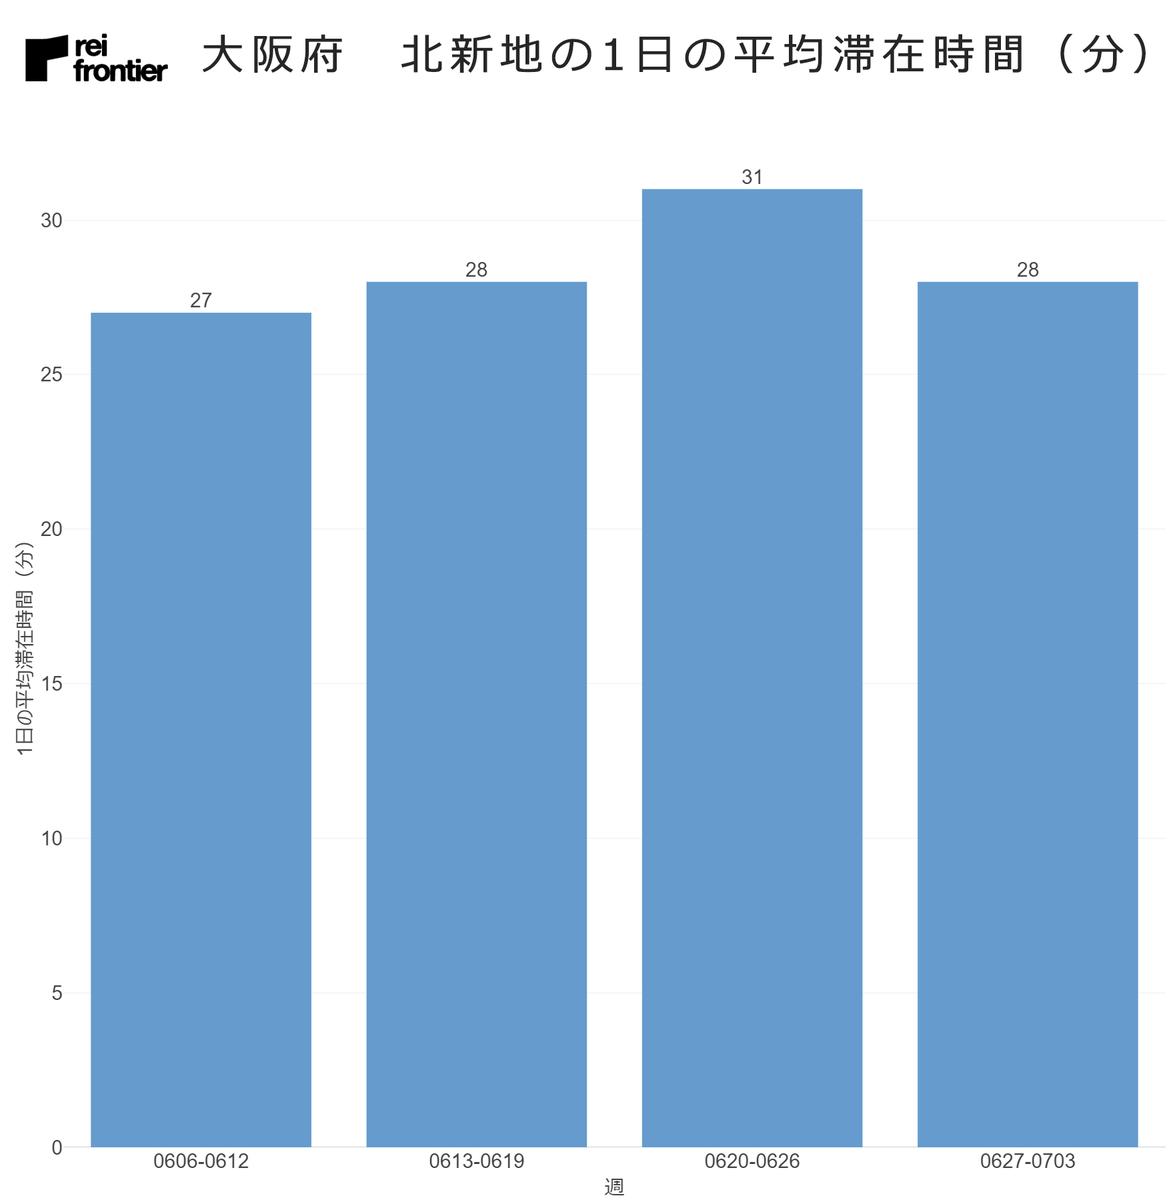 大阪府 北新地の1日の平均滞在時間